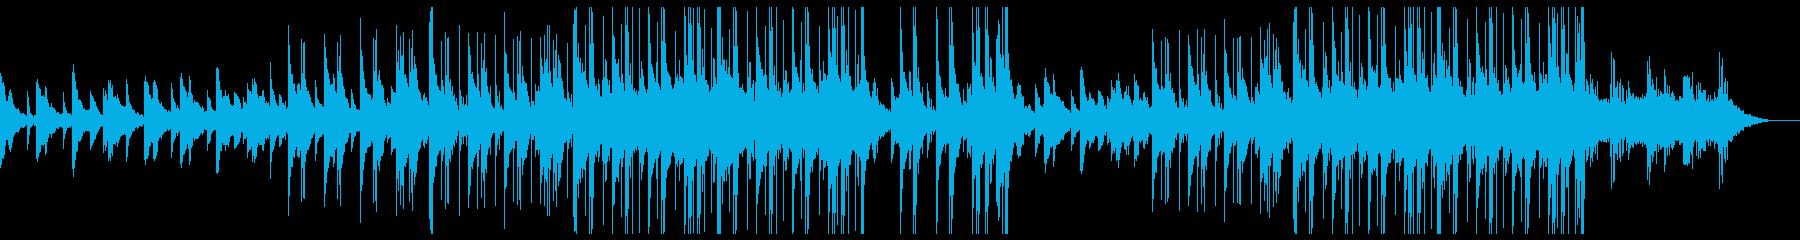 儚げなピアノの感動的トラップビートの再生済みの波形